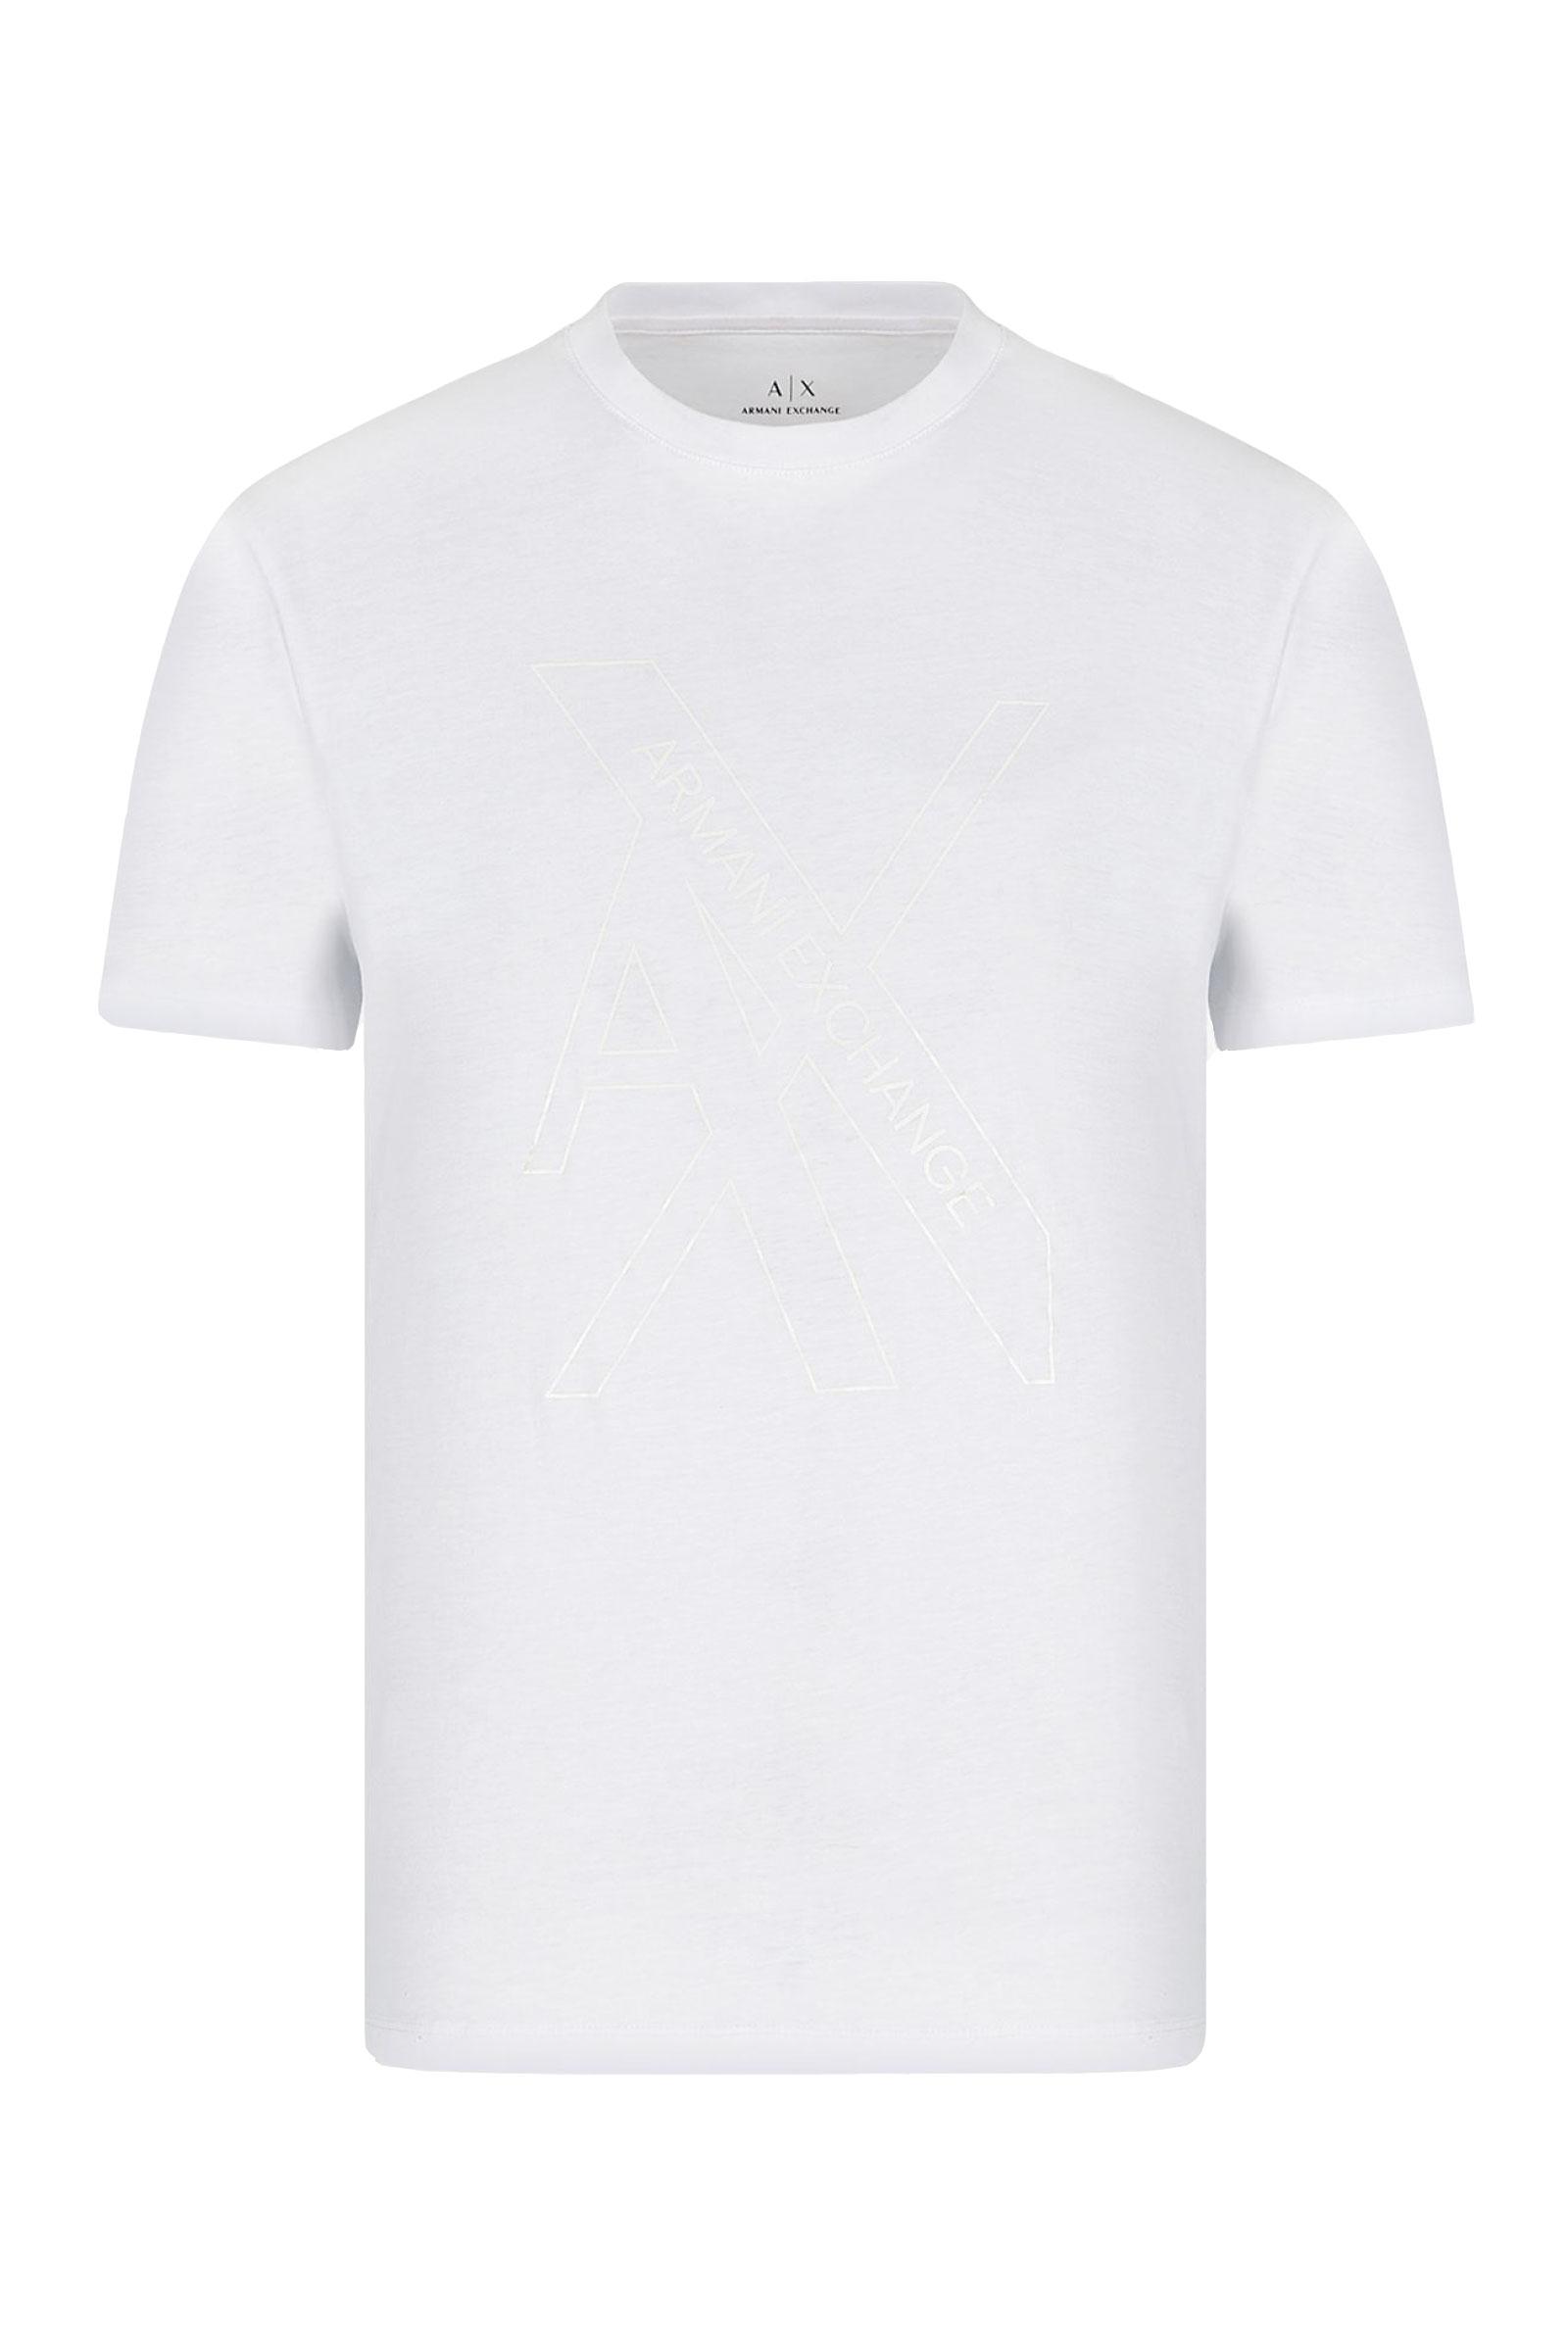 ARMANI EXCHANGE T-Shirt Uomo ARMANI EXCHANGE | T-Shirt | 3KZTLC ZJ9AZ1100